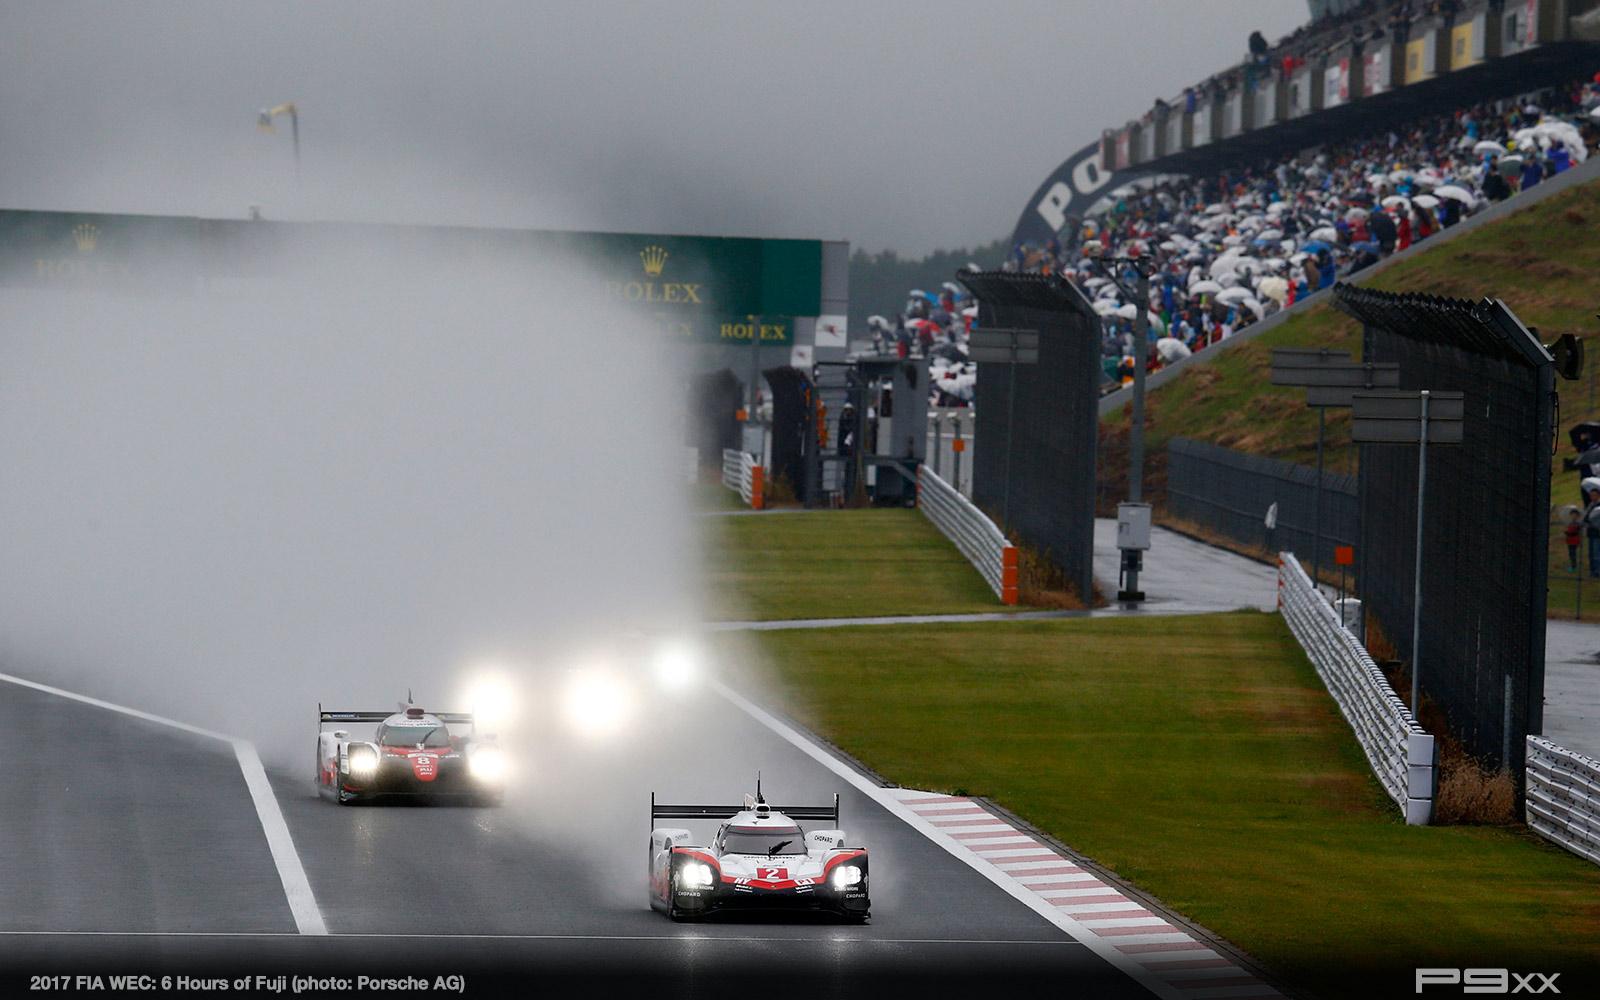 2017-FIA-WEC-6h-of-Fuji-Porsche-445